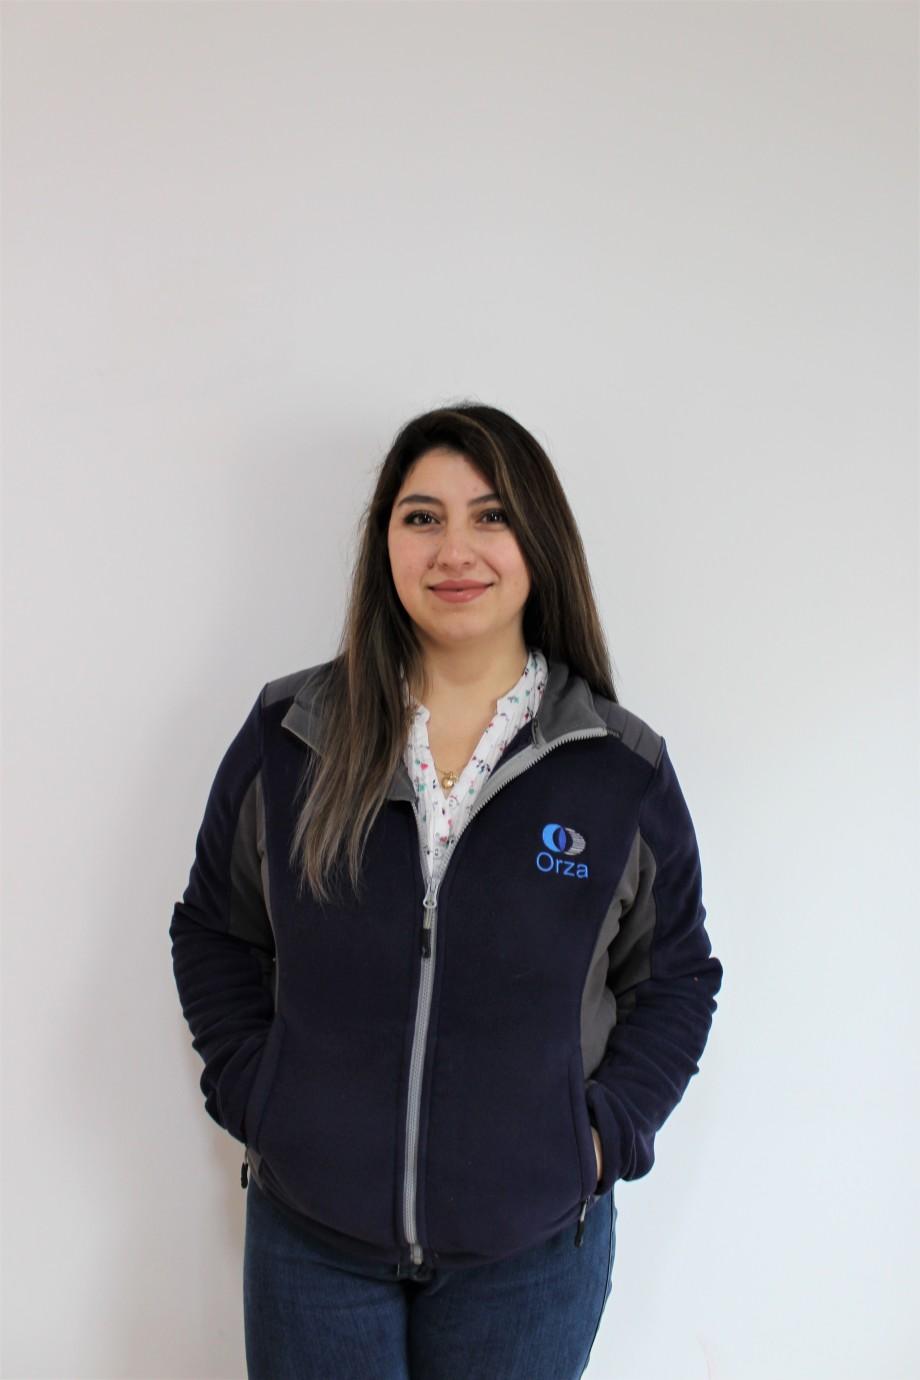 Yobel Diedrichs es prevencionista de riesgos de Universidad Tecnológica de Chile Inacap. Imagen: Orza.